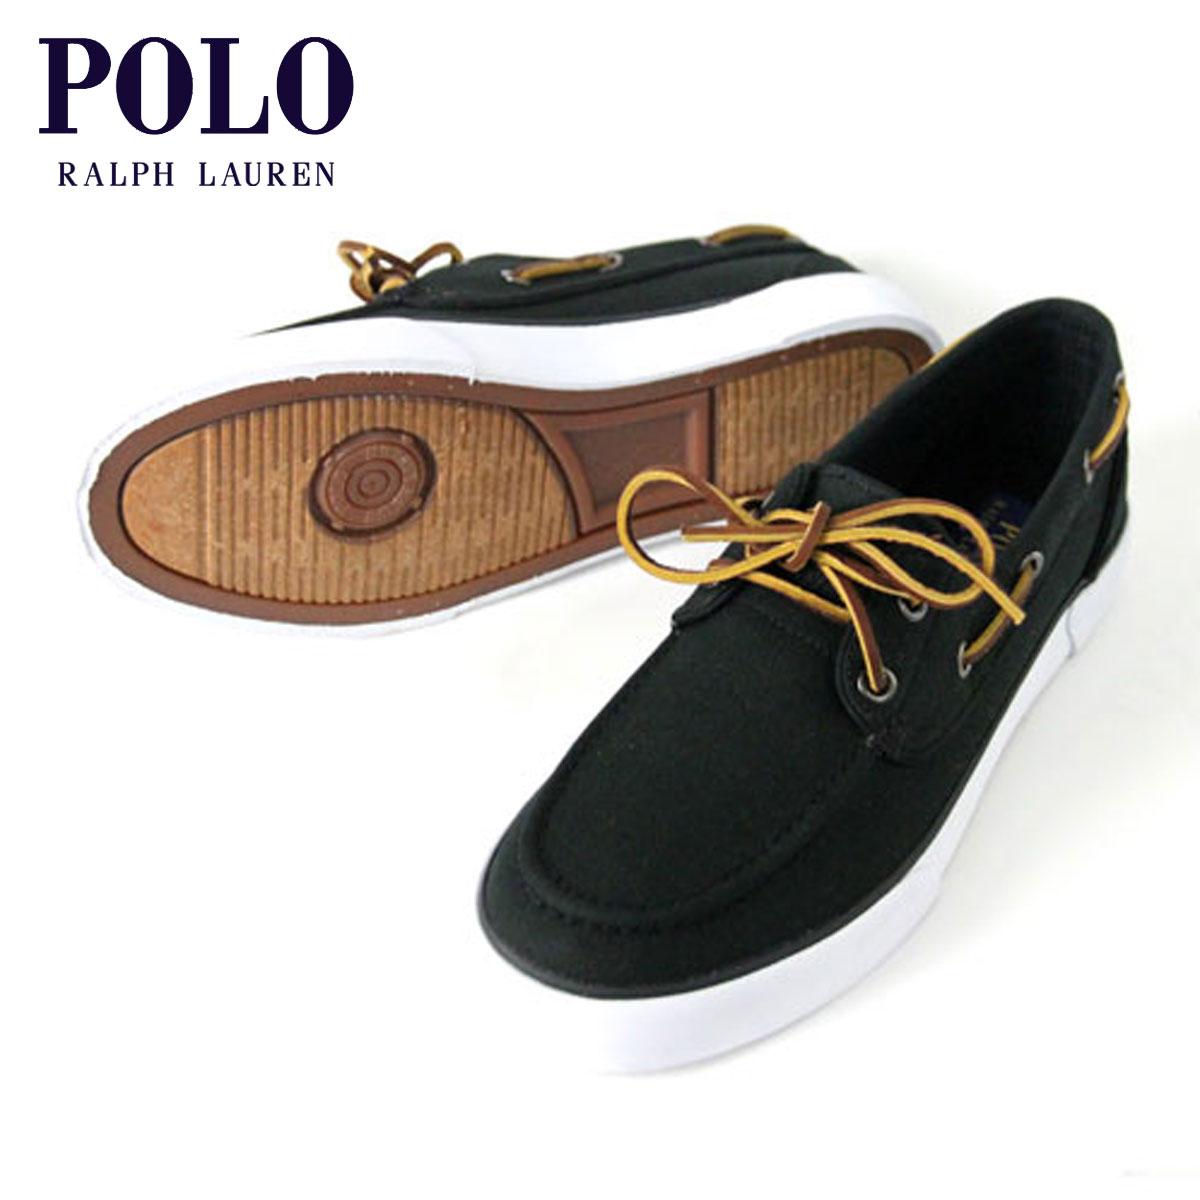 ポロ ラルフローレン POLO RALPH LAUREN 正規品 メンズ 靴 シューズ CANVAS SANDER SNEAKER D00S20